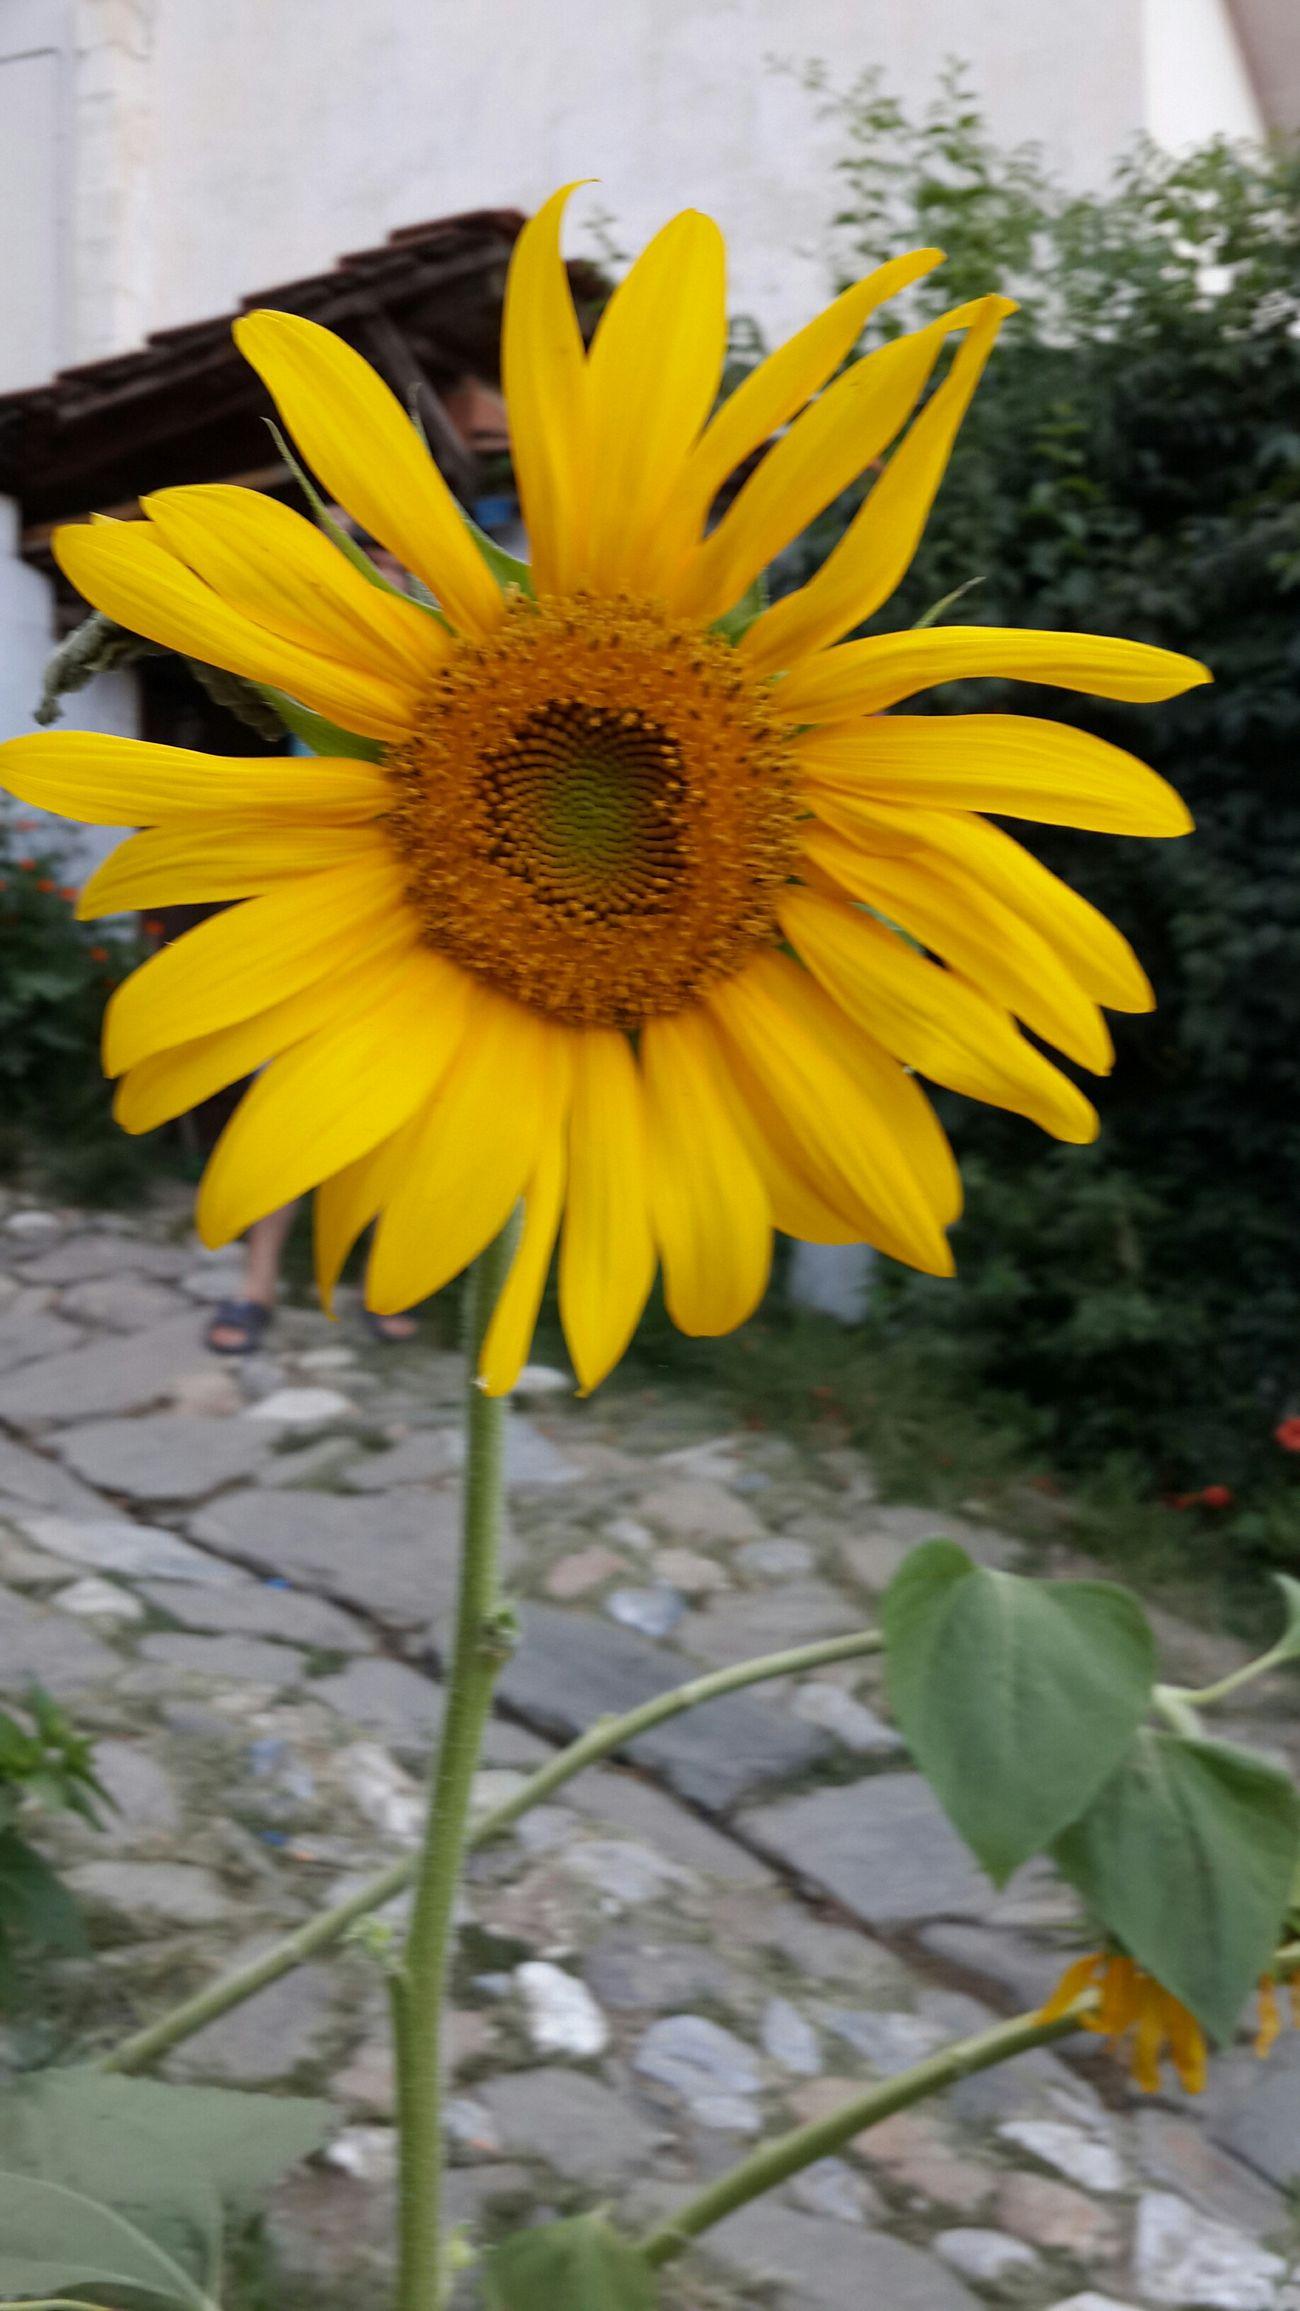 İnsan olmanın rengi, ırkı, dili, dini yoktur, olamaz da... Tıpkı günebakanlar gibi, yüzünü güneşe dònmüş, aydınlık olmasını umduğumuz ve hayal ettiğimiz güzel ülkemin gençlerine yapılan katliam için gerçekten üzgünüm.. Nature Nature_collection EyeEm Nature Lover Sunflower Mothernaturegifts The View From My Window Ineedamiracleformylostsoul Landscape_photography Flower Collection Flowerporn